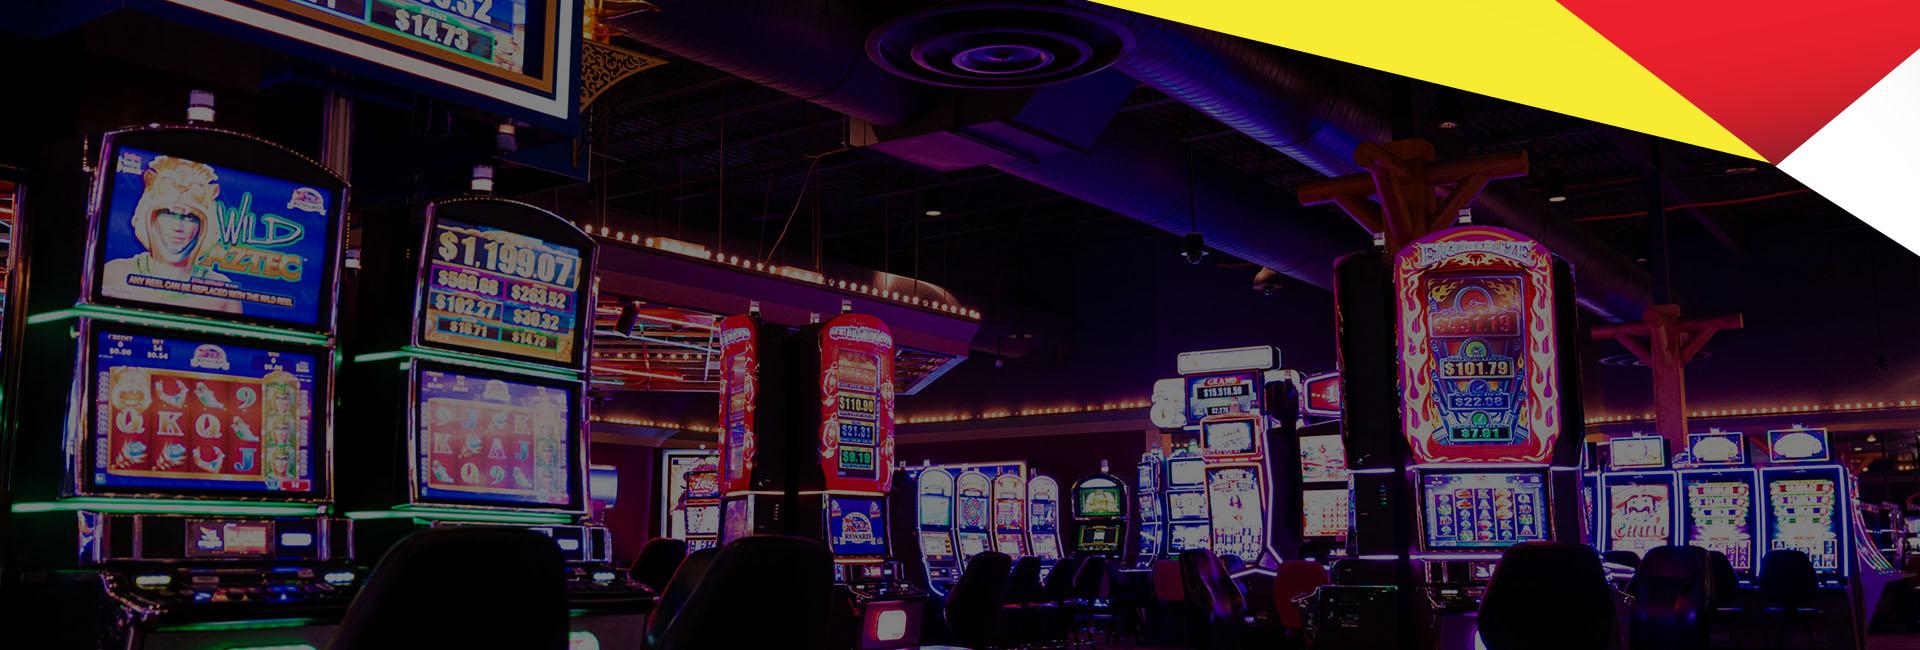 Игровые автоматы текстильщики для мобильных игровые автоматы онлайн бесплатно и регистрации